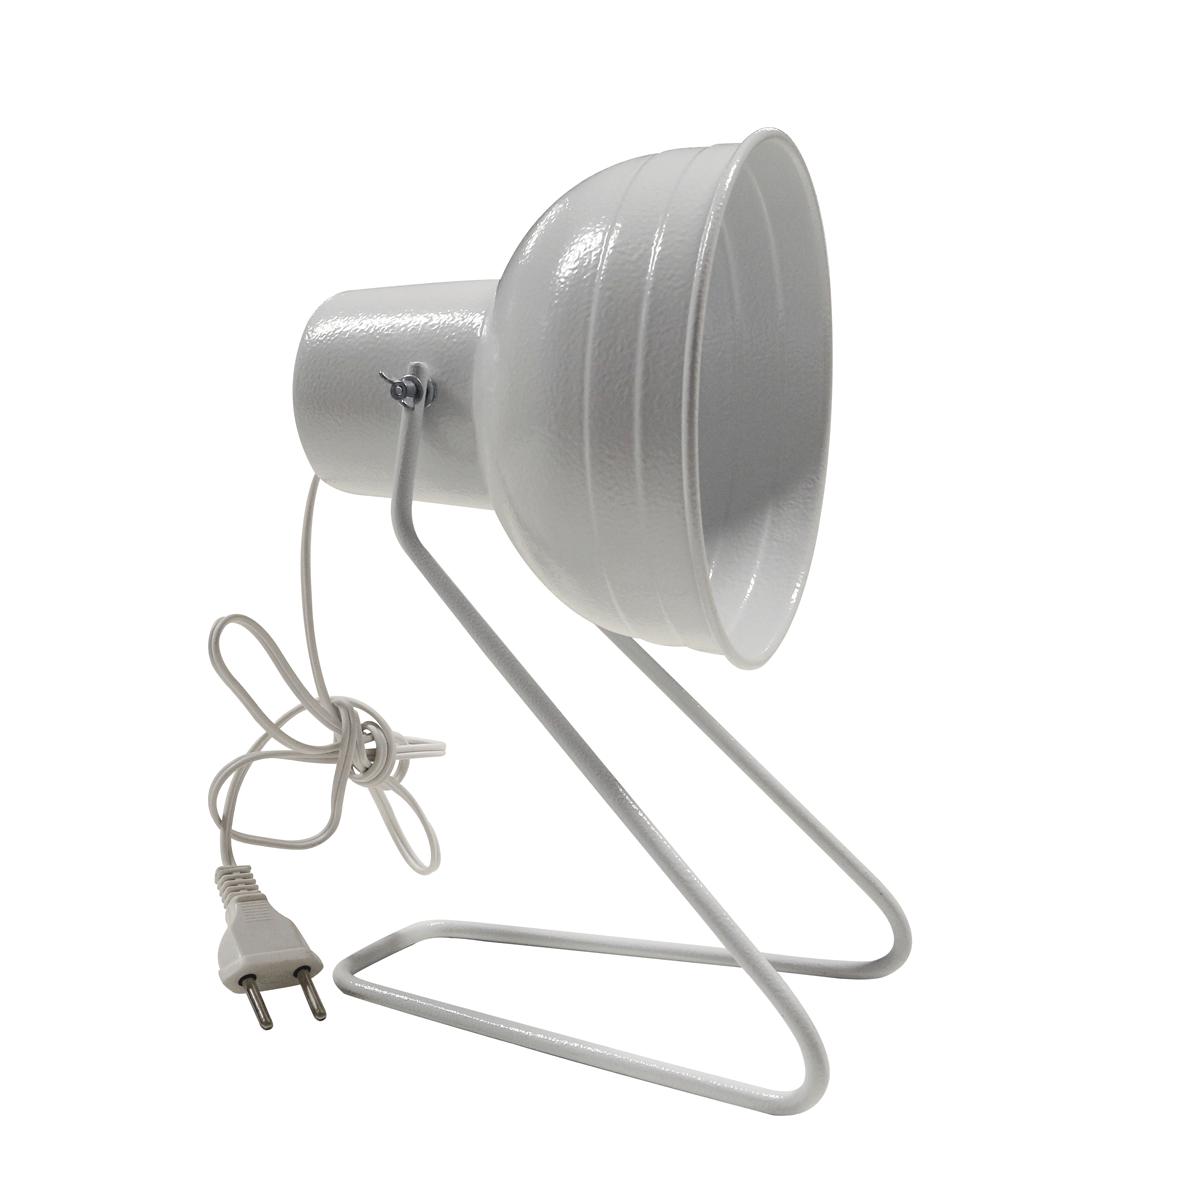 Suporte Para Infravermelho De Mesa Sem Lâmpada E Sem Interruptor Para Fisioterapia - Shopfisio